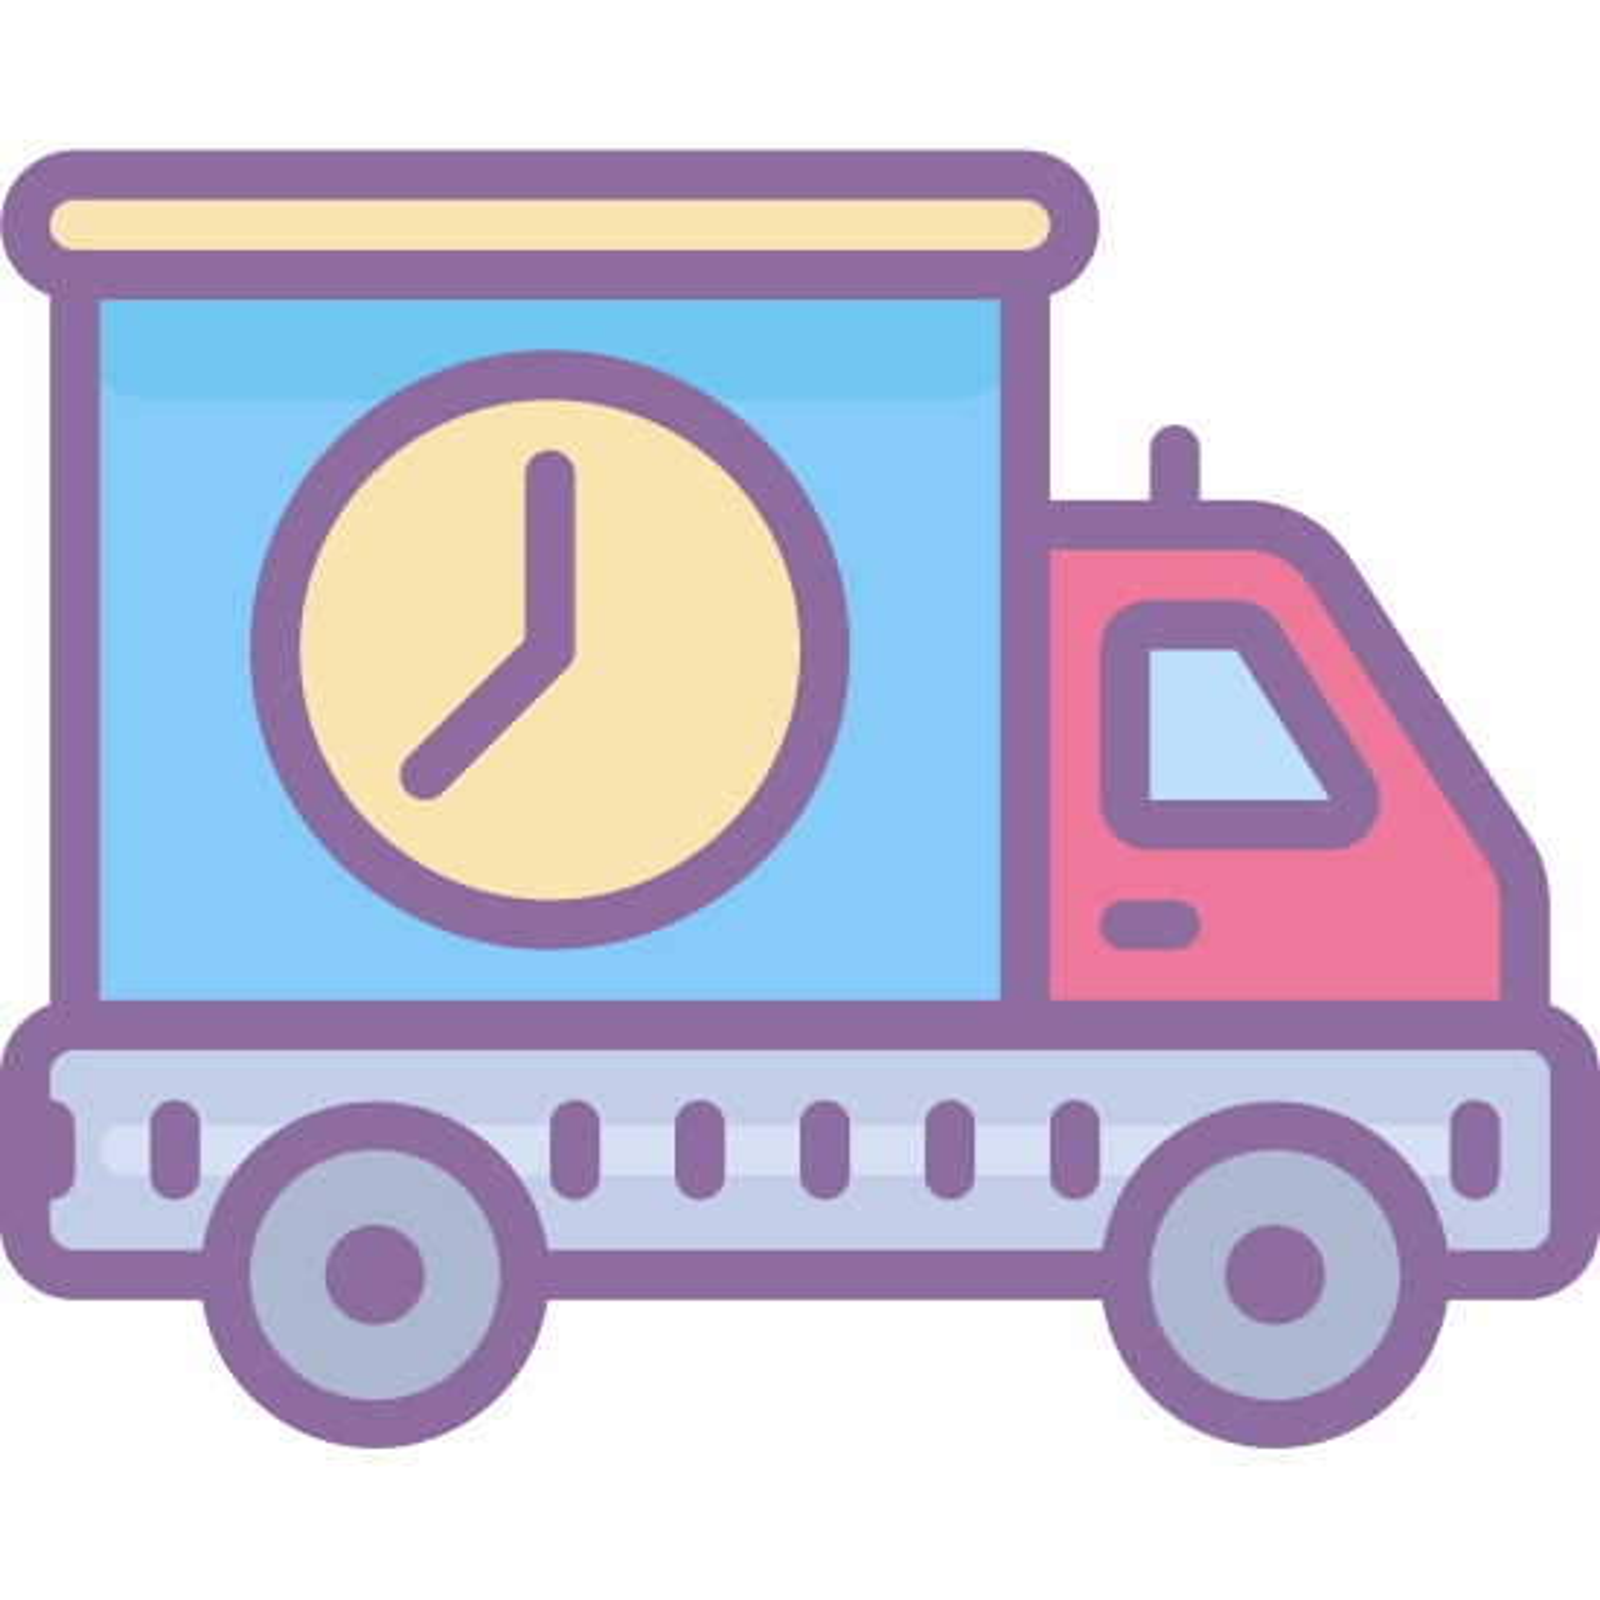 运输 icon. A basic outline of a delivery type truck that has the symbol of a clock at the top back corner. The symbol may represent delivery time information for the delivery truck.